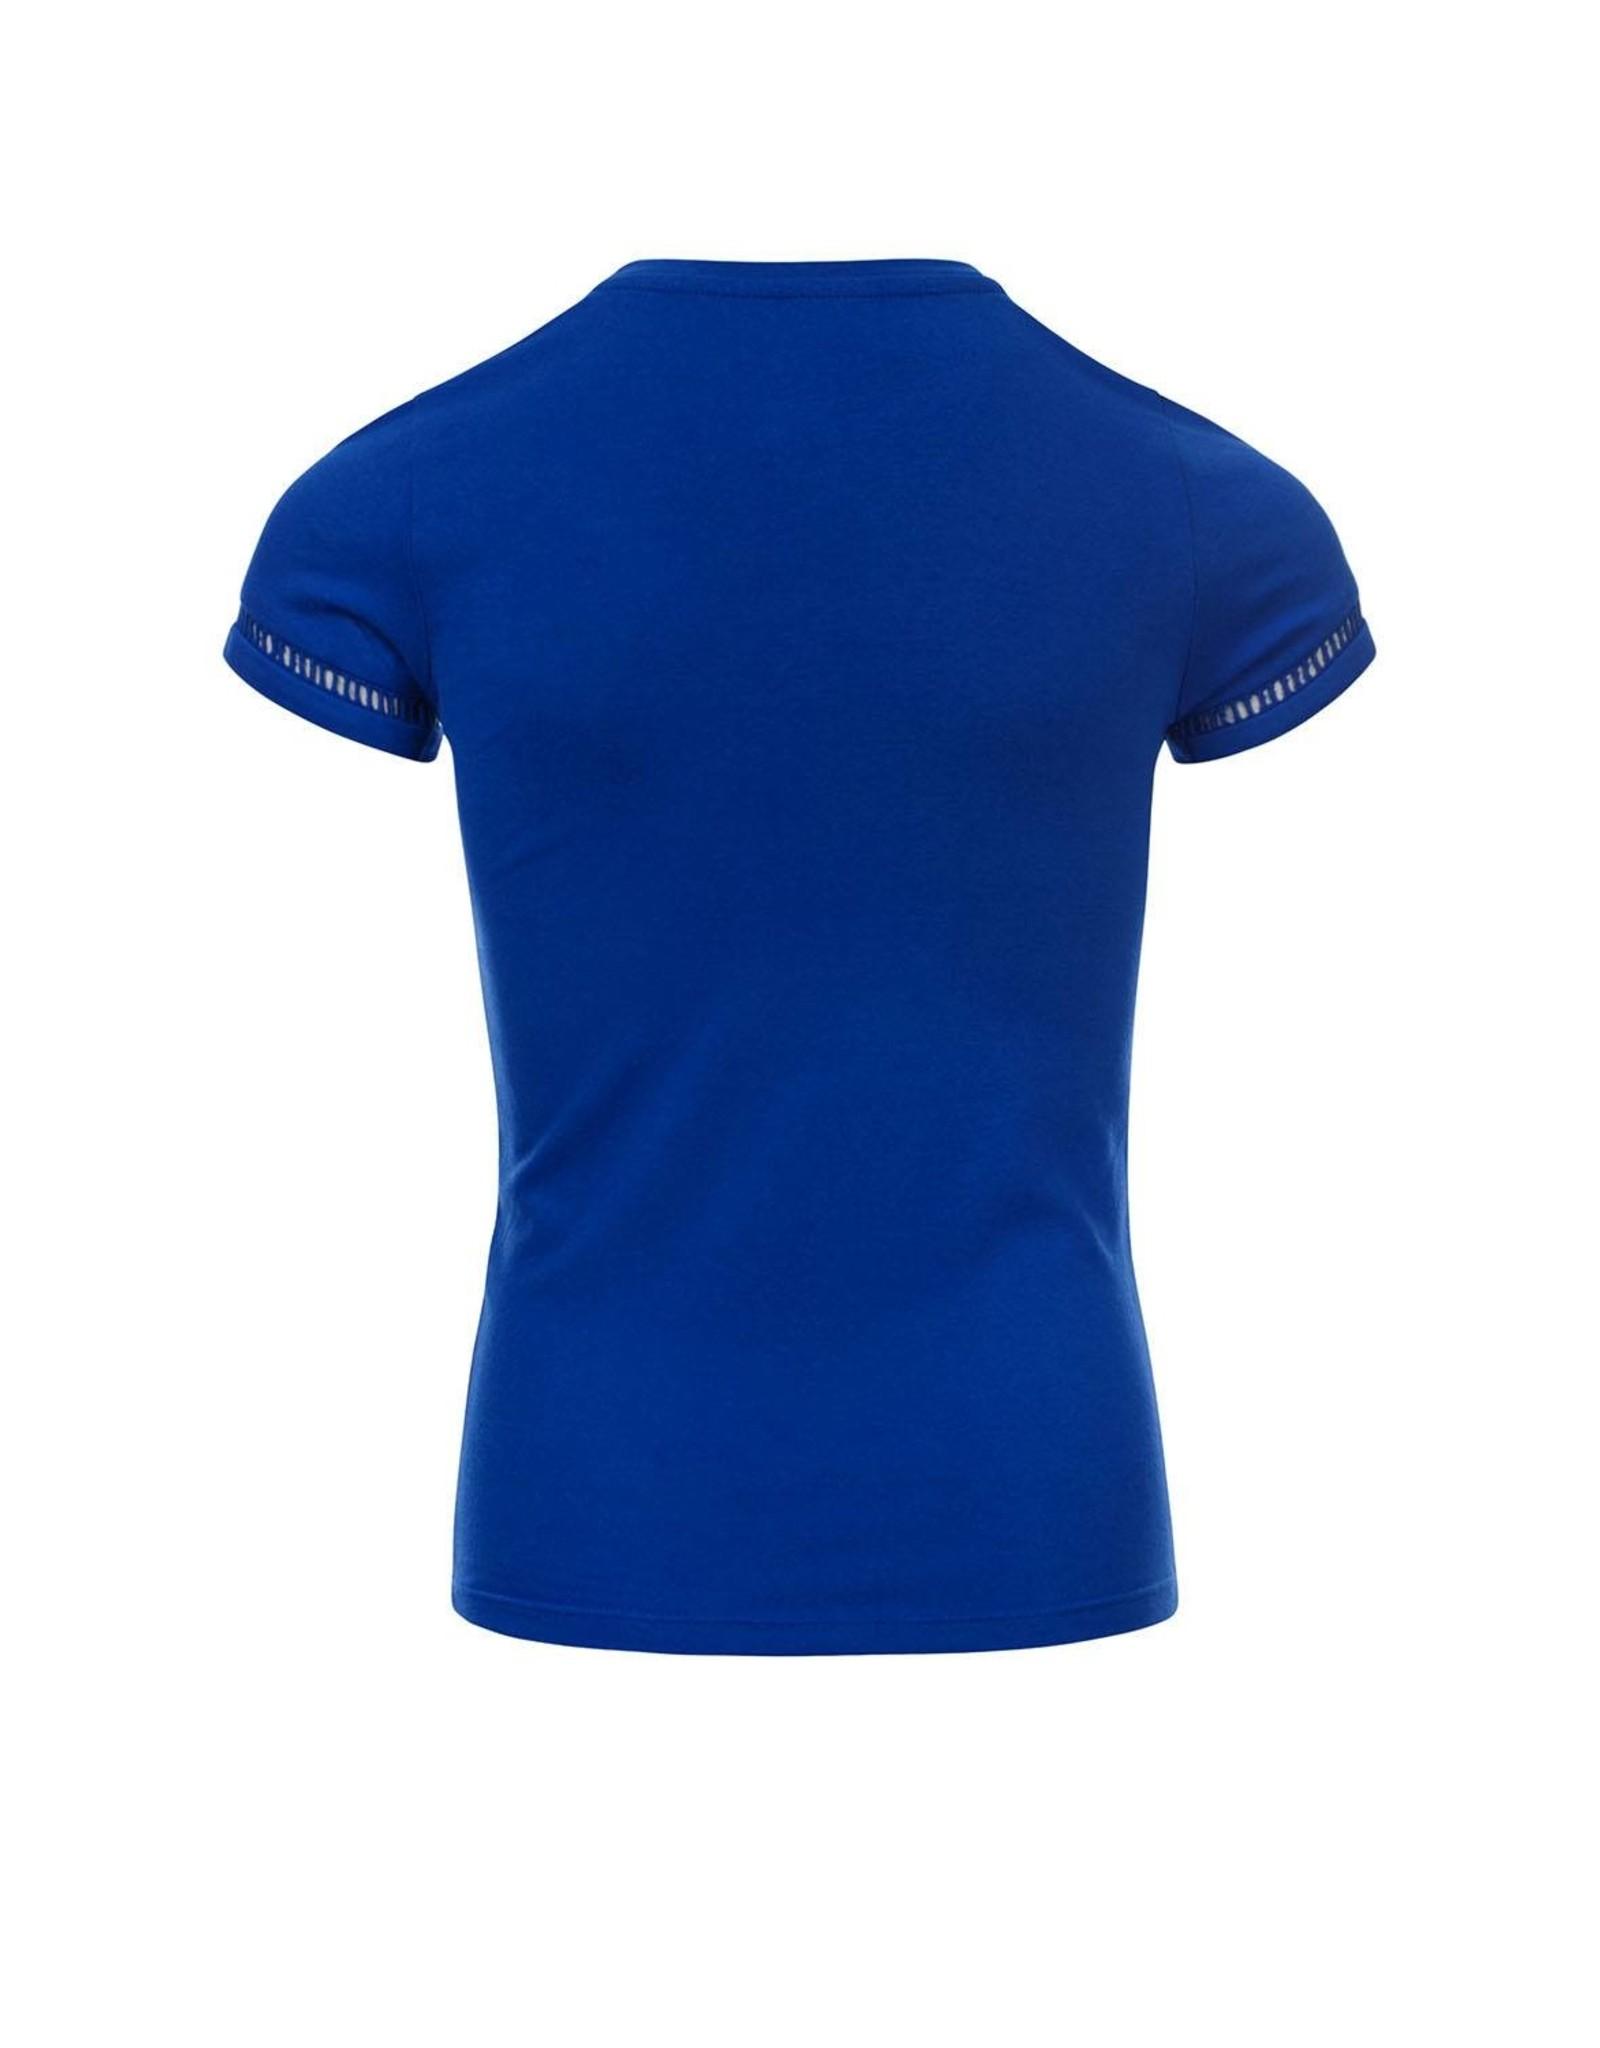 Looxs Little Little t-shirt s. sleeve kobalt